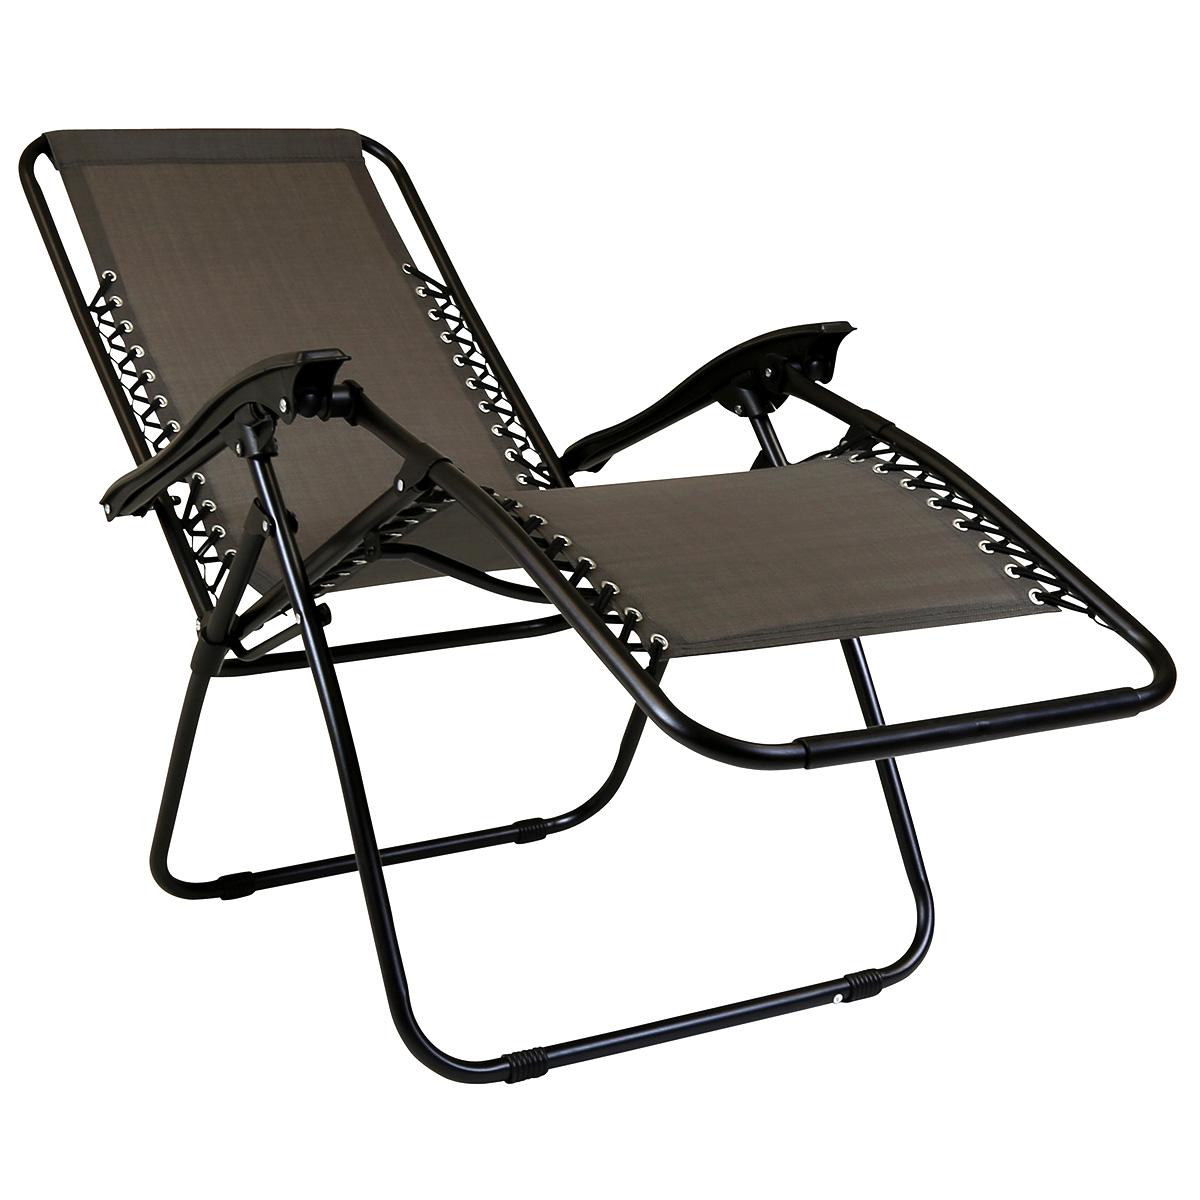 Bentley Explorer Foldable Reclining Garden Chair Camping Recliner Lounger